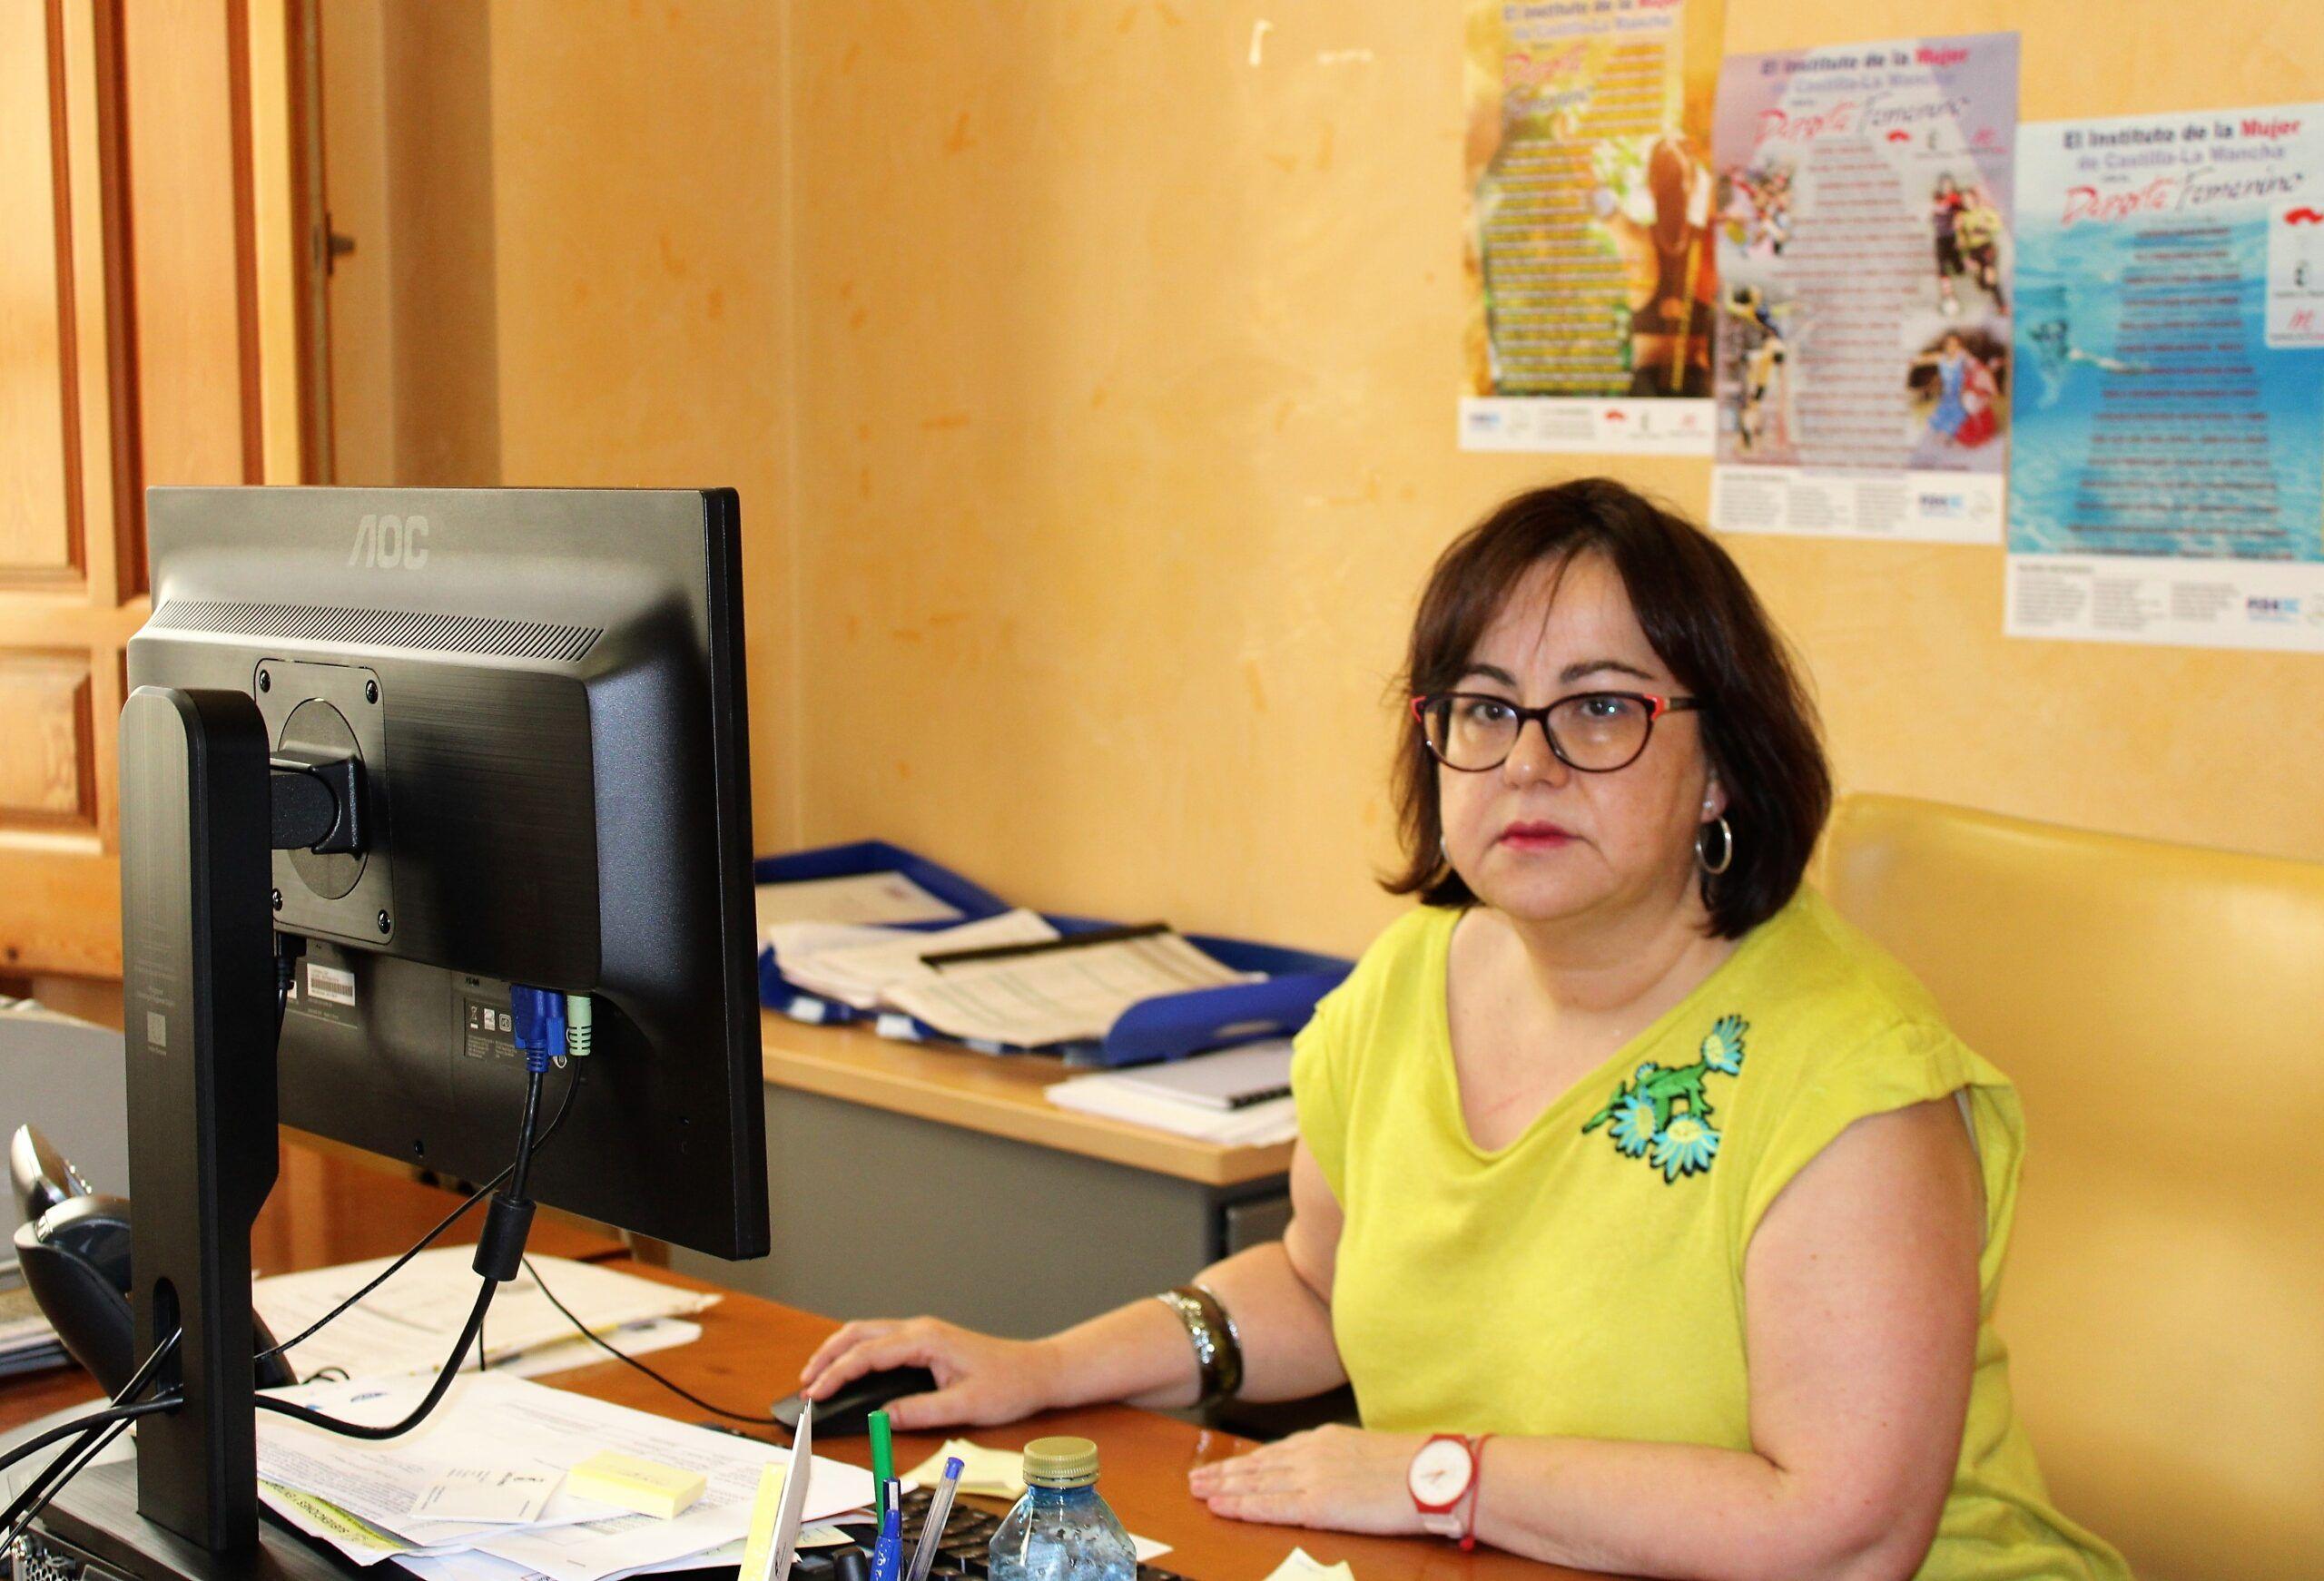 El Instituto de la Mujer insta a asociaciones, ayuntamientos y empresas a solicitaEl Instituto de la Mujer insta a asociaciones, ayuntamientos y empresas a solicitar las ayudas convocadas por el Gobierno de Castilla-La Manchar las ayudas convocadas por el Gobierno de Castilla-La Mancha